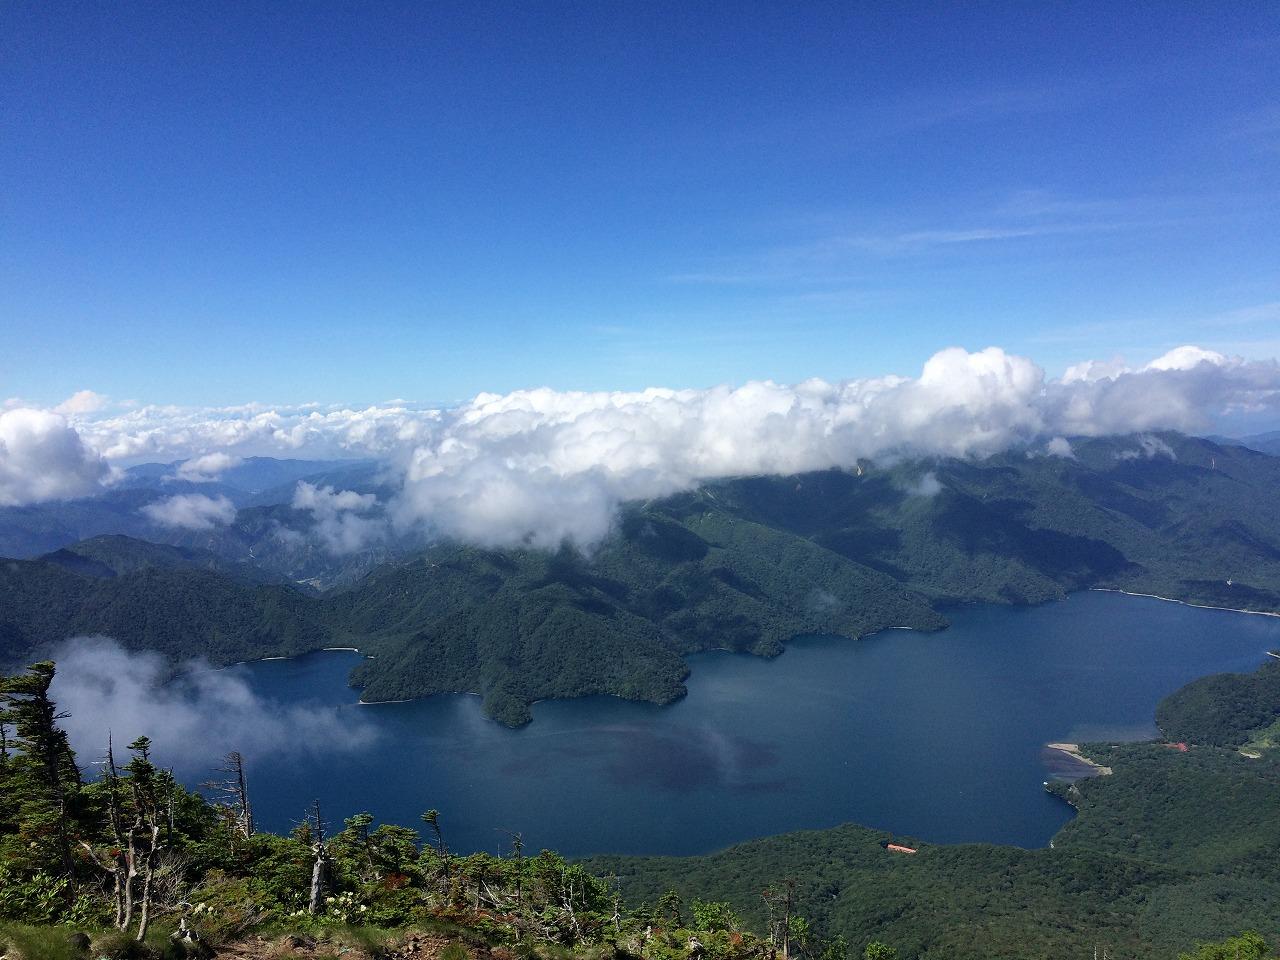 THE中禅寺湖